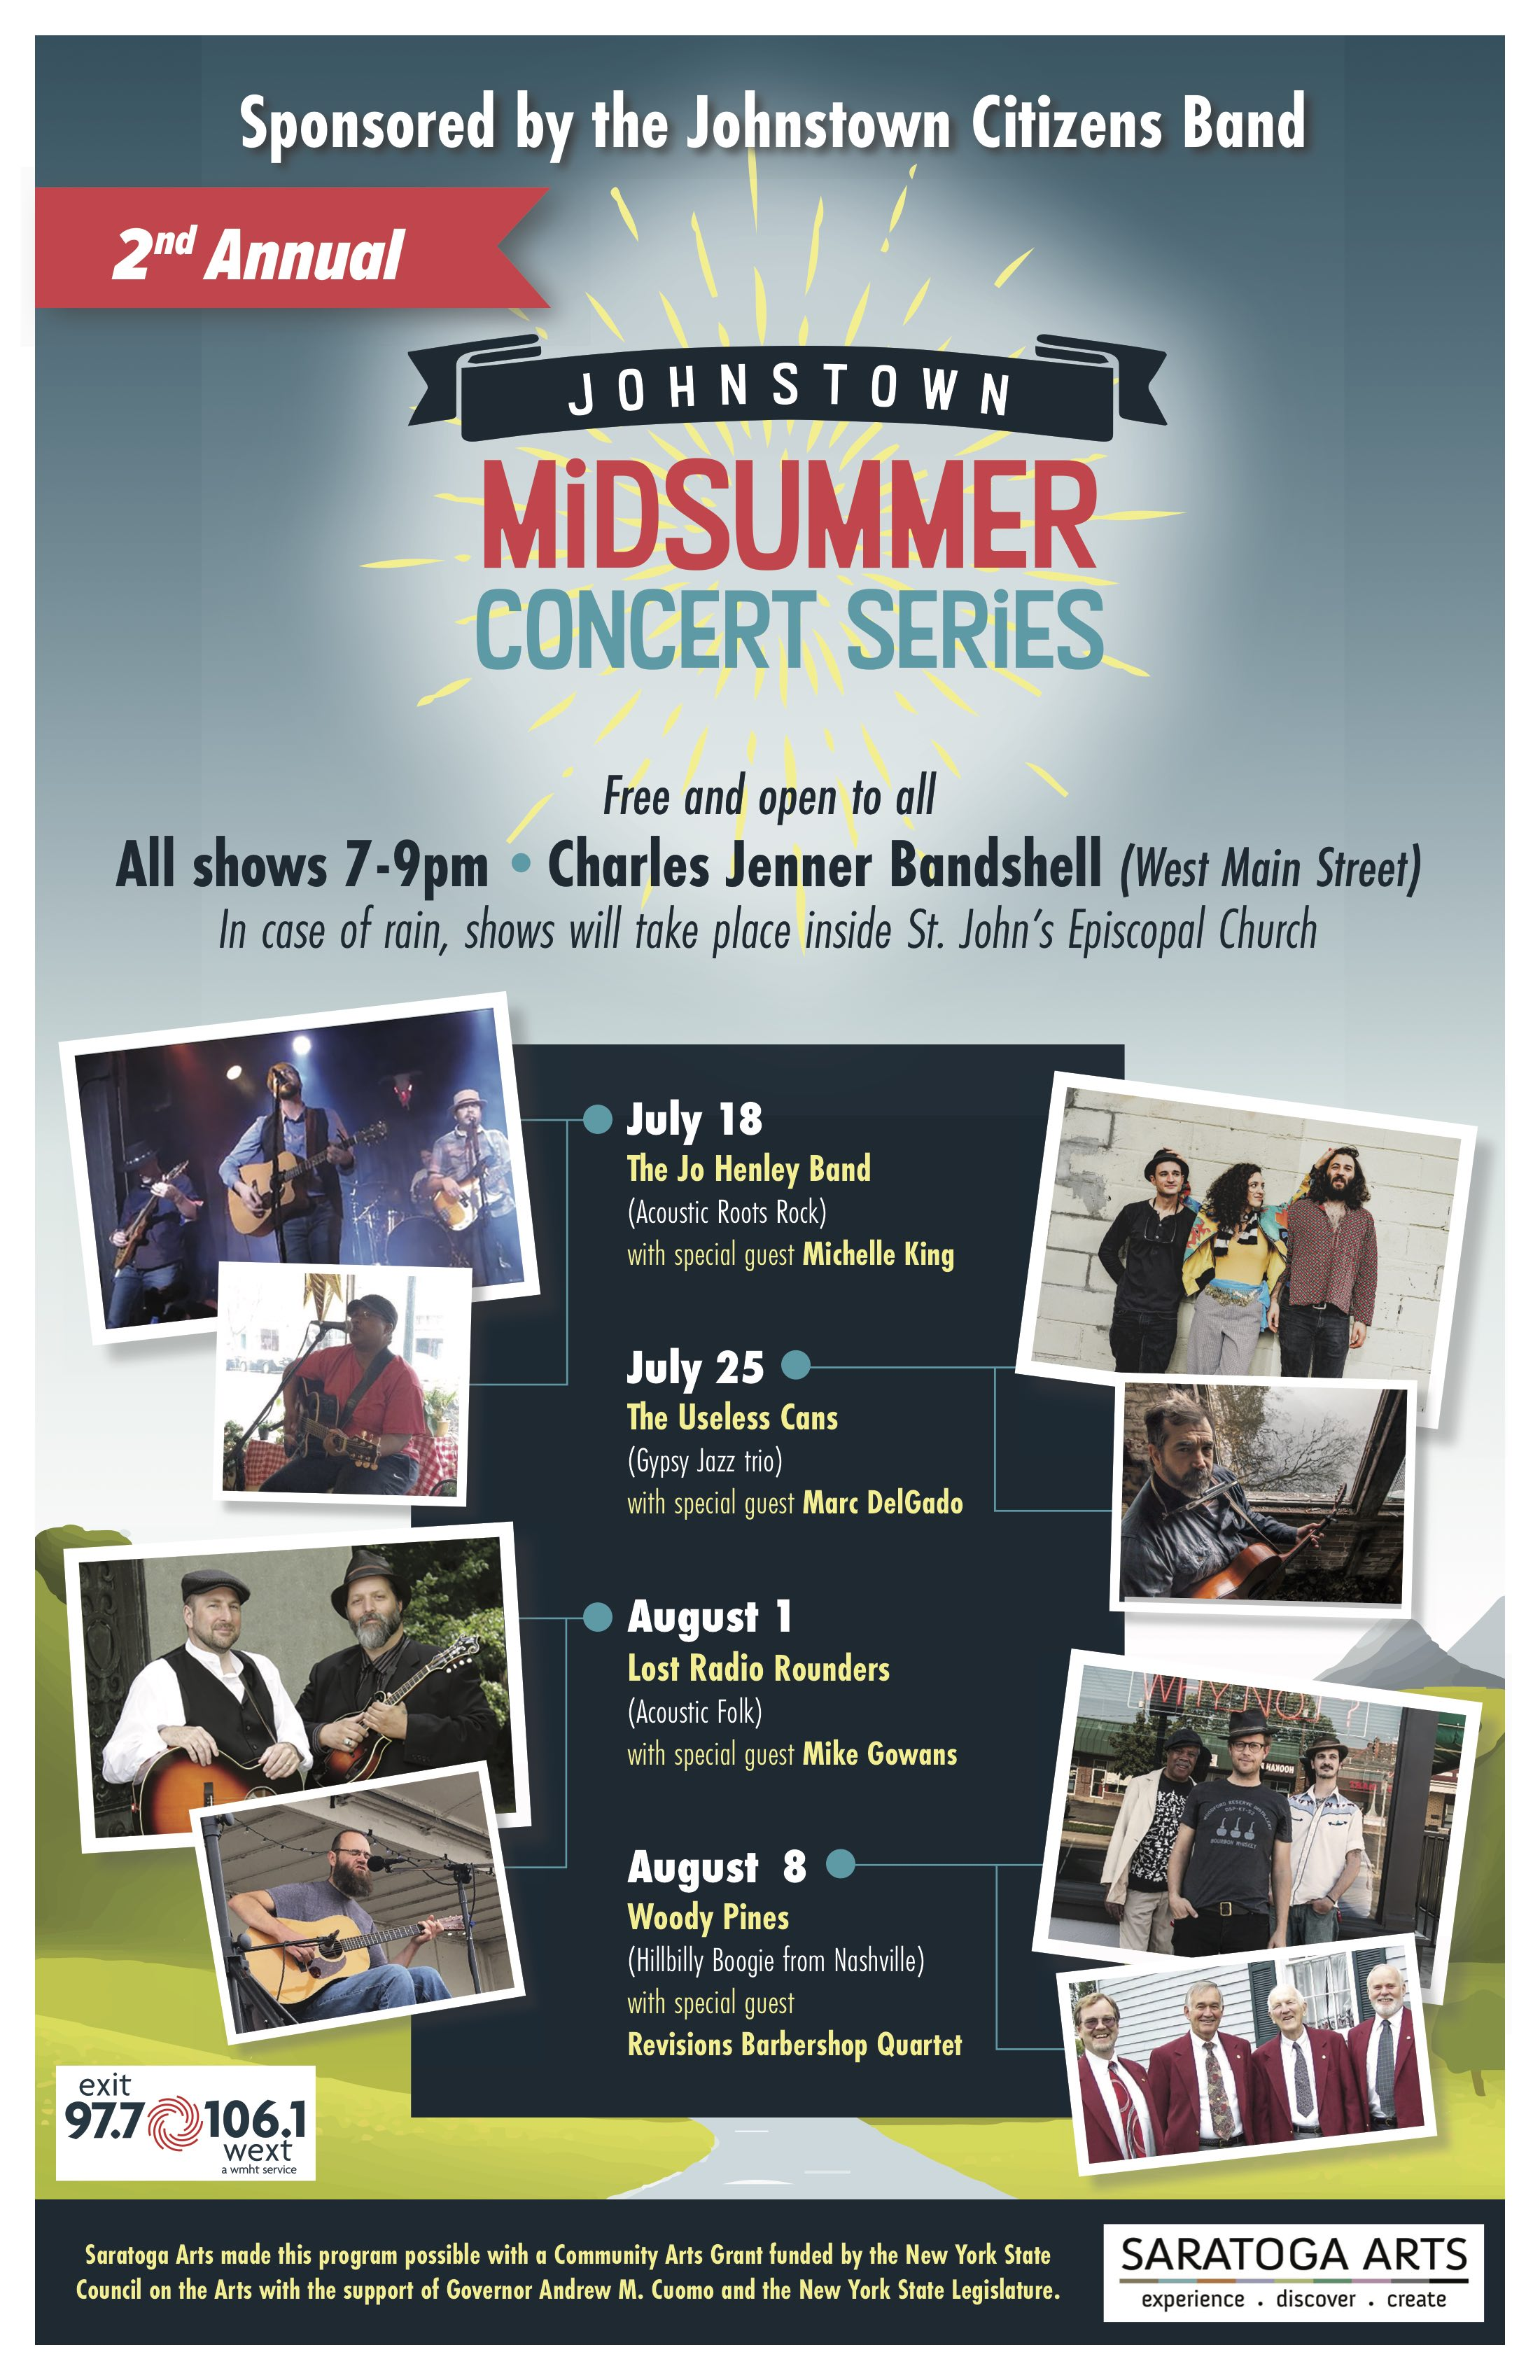 Midsummer Concert Series Poster 2019 11x17.jpg